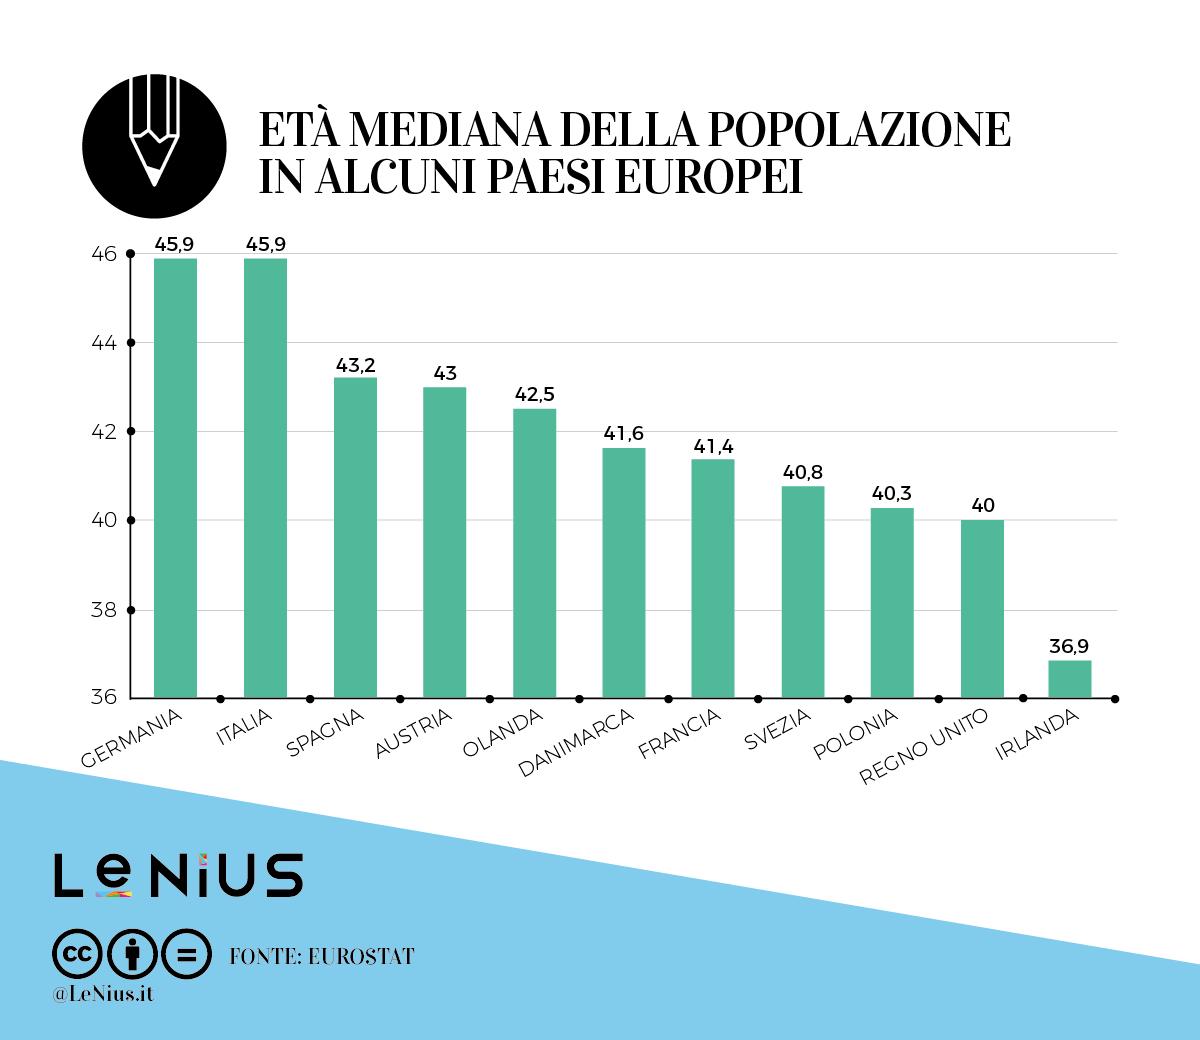 età mediana in europa